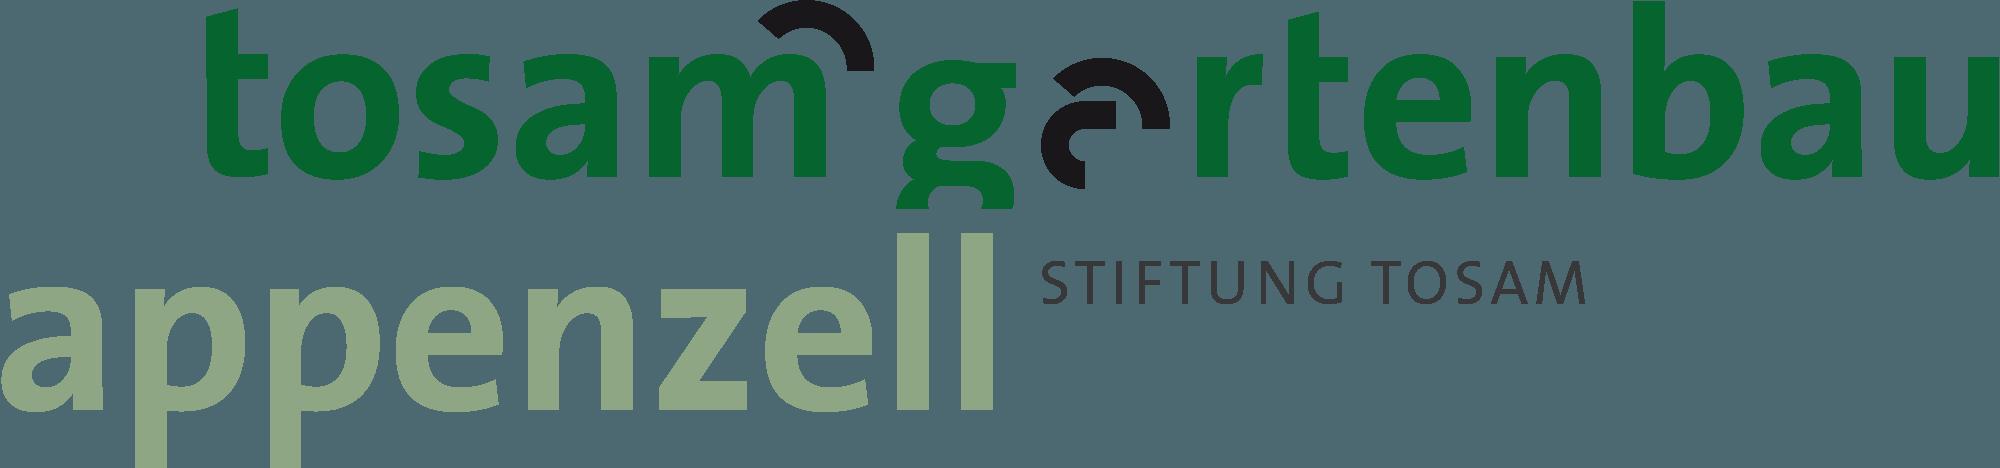 Tosam Gartenbau Appenzell Stiftung Tosam